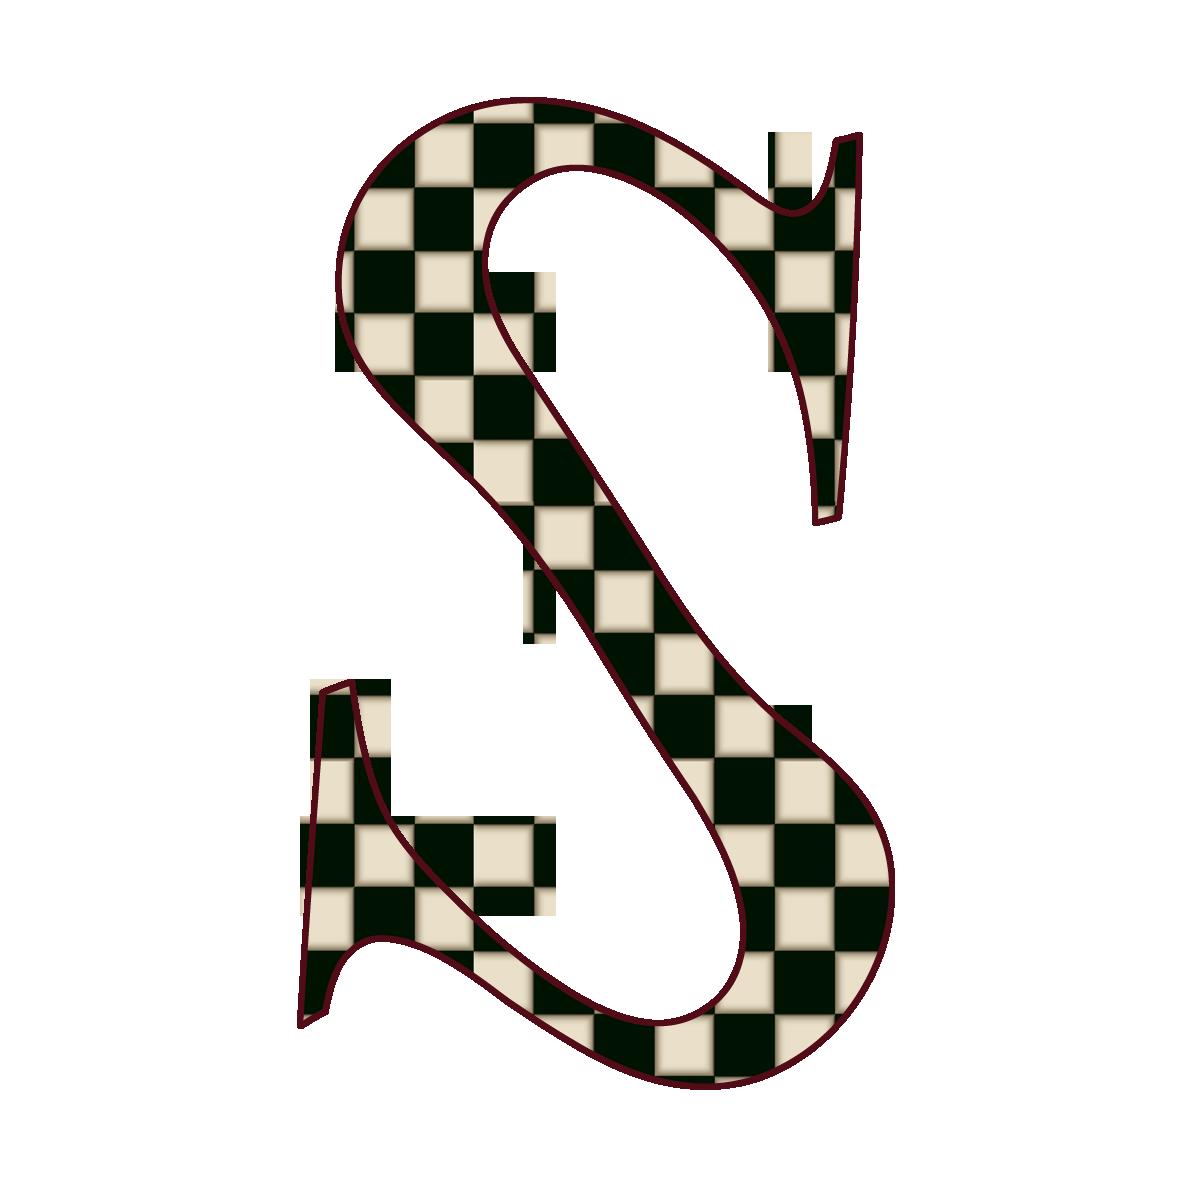 CapitalLetterSPng    Clipart  Alphabet  Full